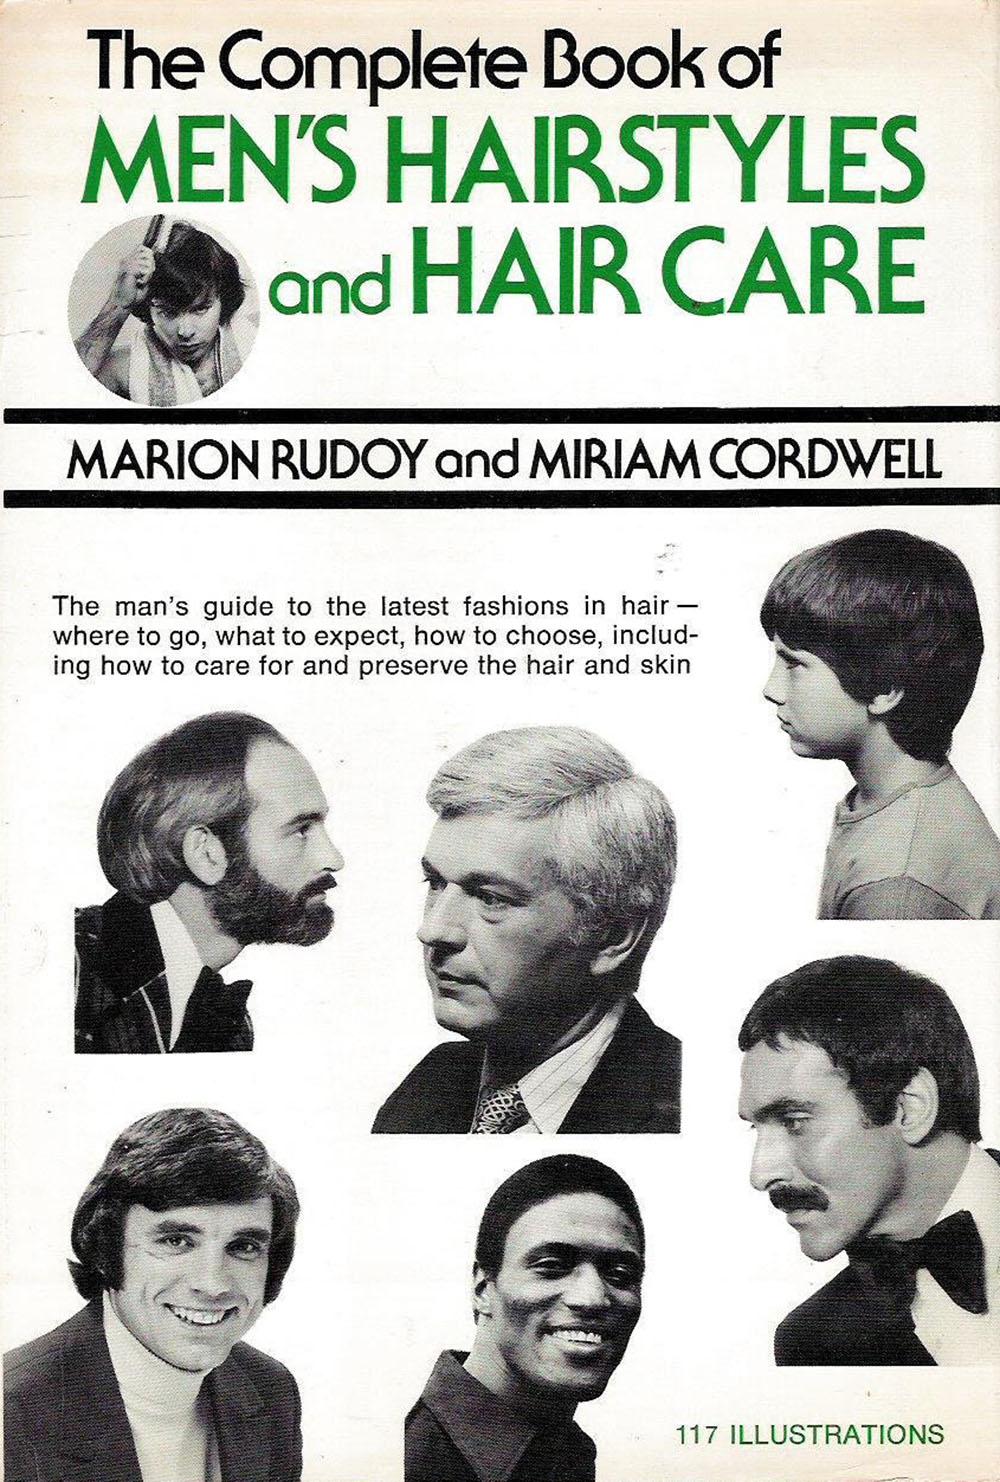 05-vintage-hair-style-5.jpg